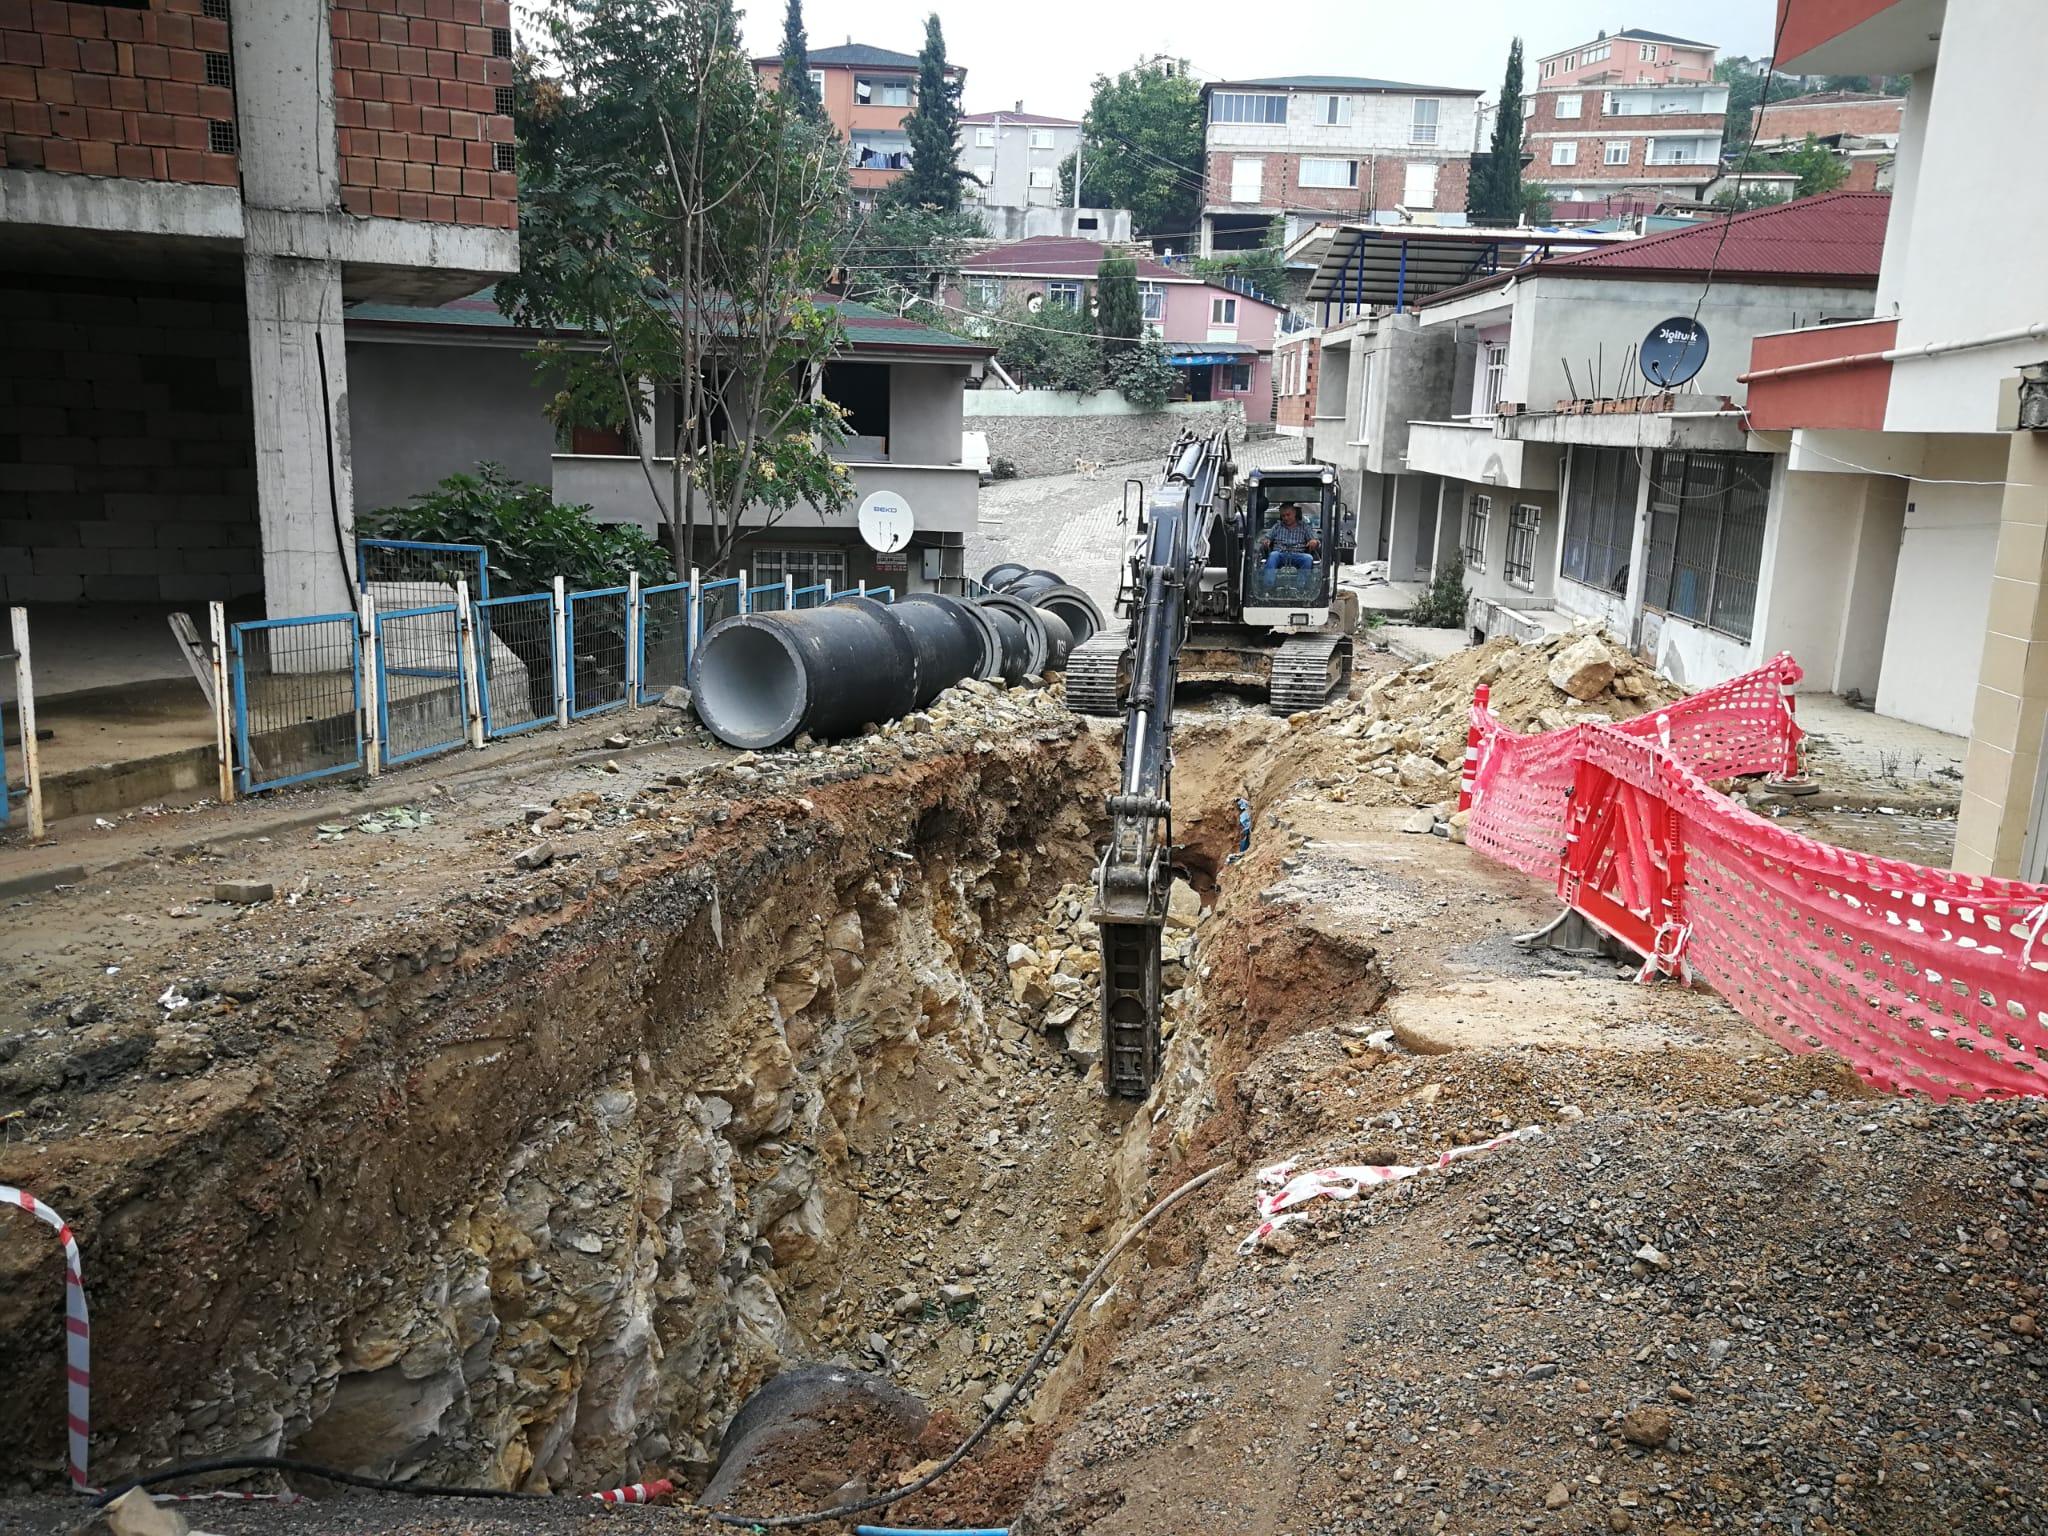 DİLOVASI'NA HAYAT KATACAK PROJE:  ALTYAPI ÇALIŞMALARI PROGRAM ÇERÇEVESİNDE SÜRÜYOR